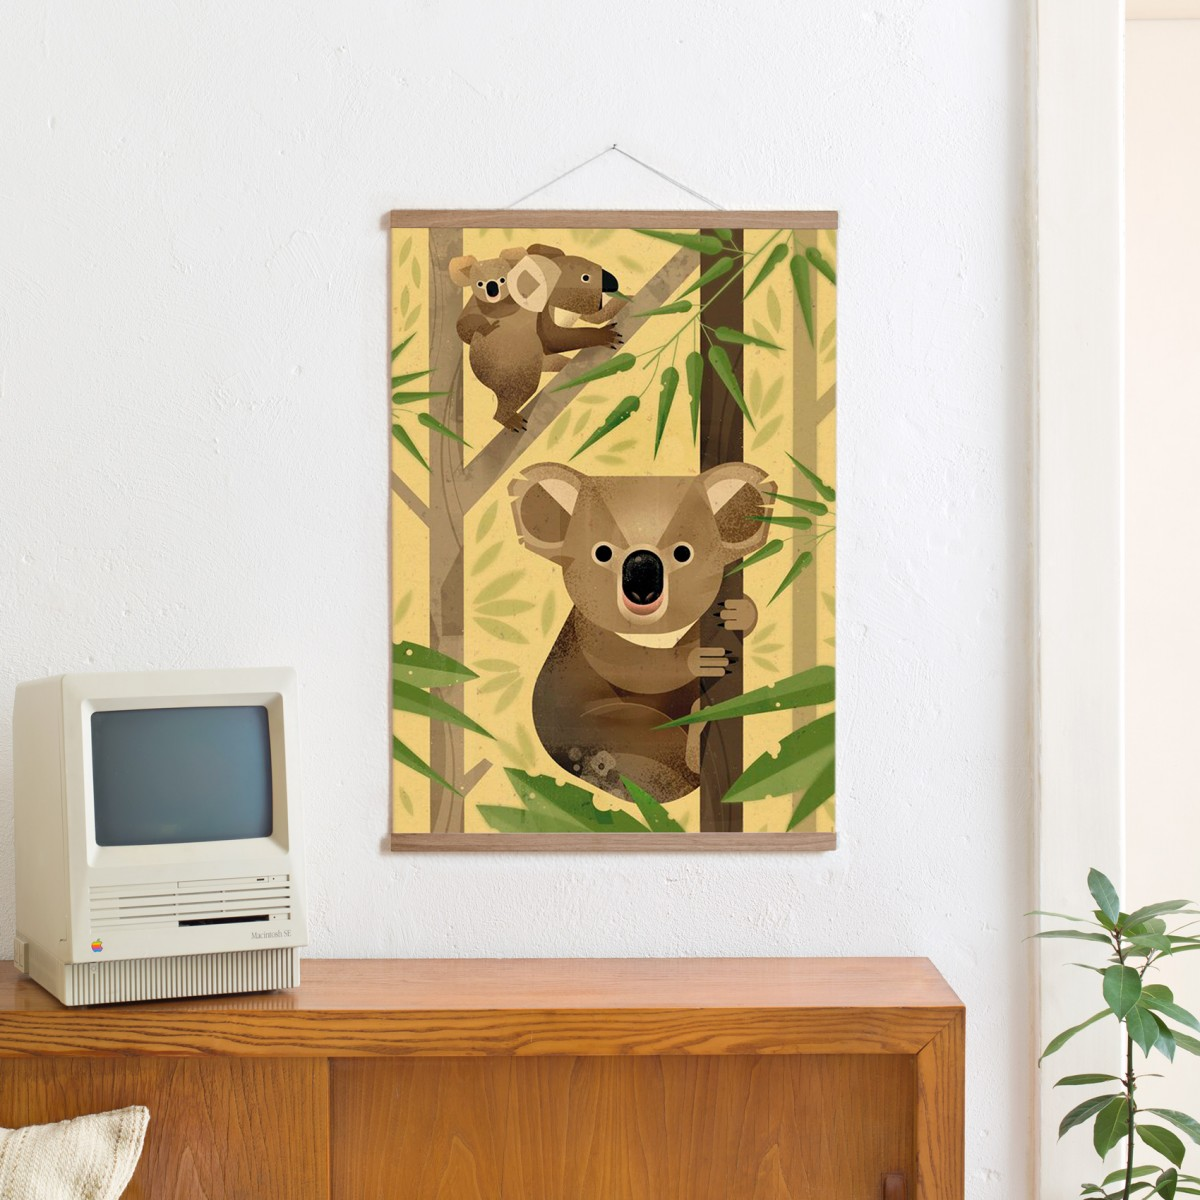 KLEINWAREN / VON LAUFENBERG Set / Koala + Posterleiste Eiche 50 cm